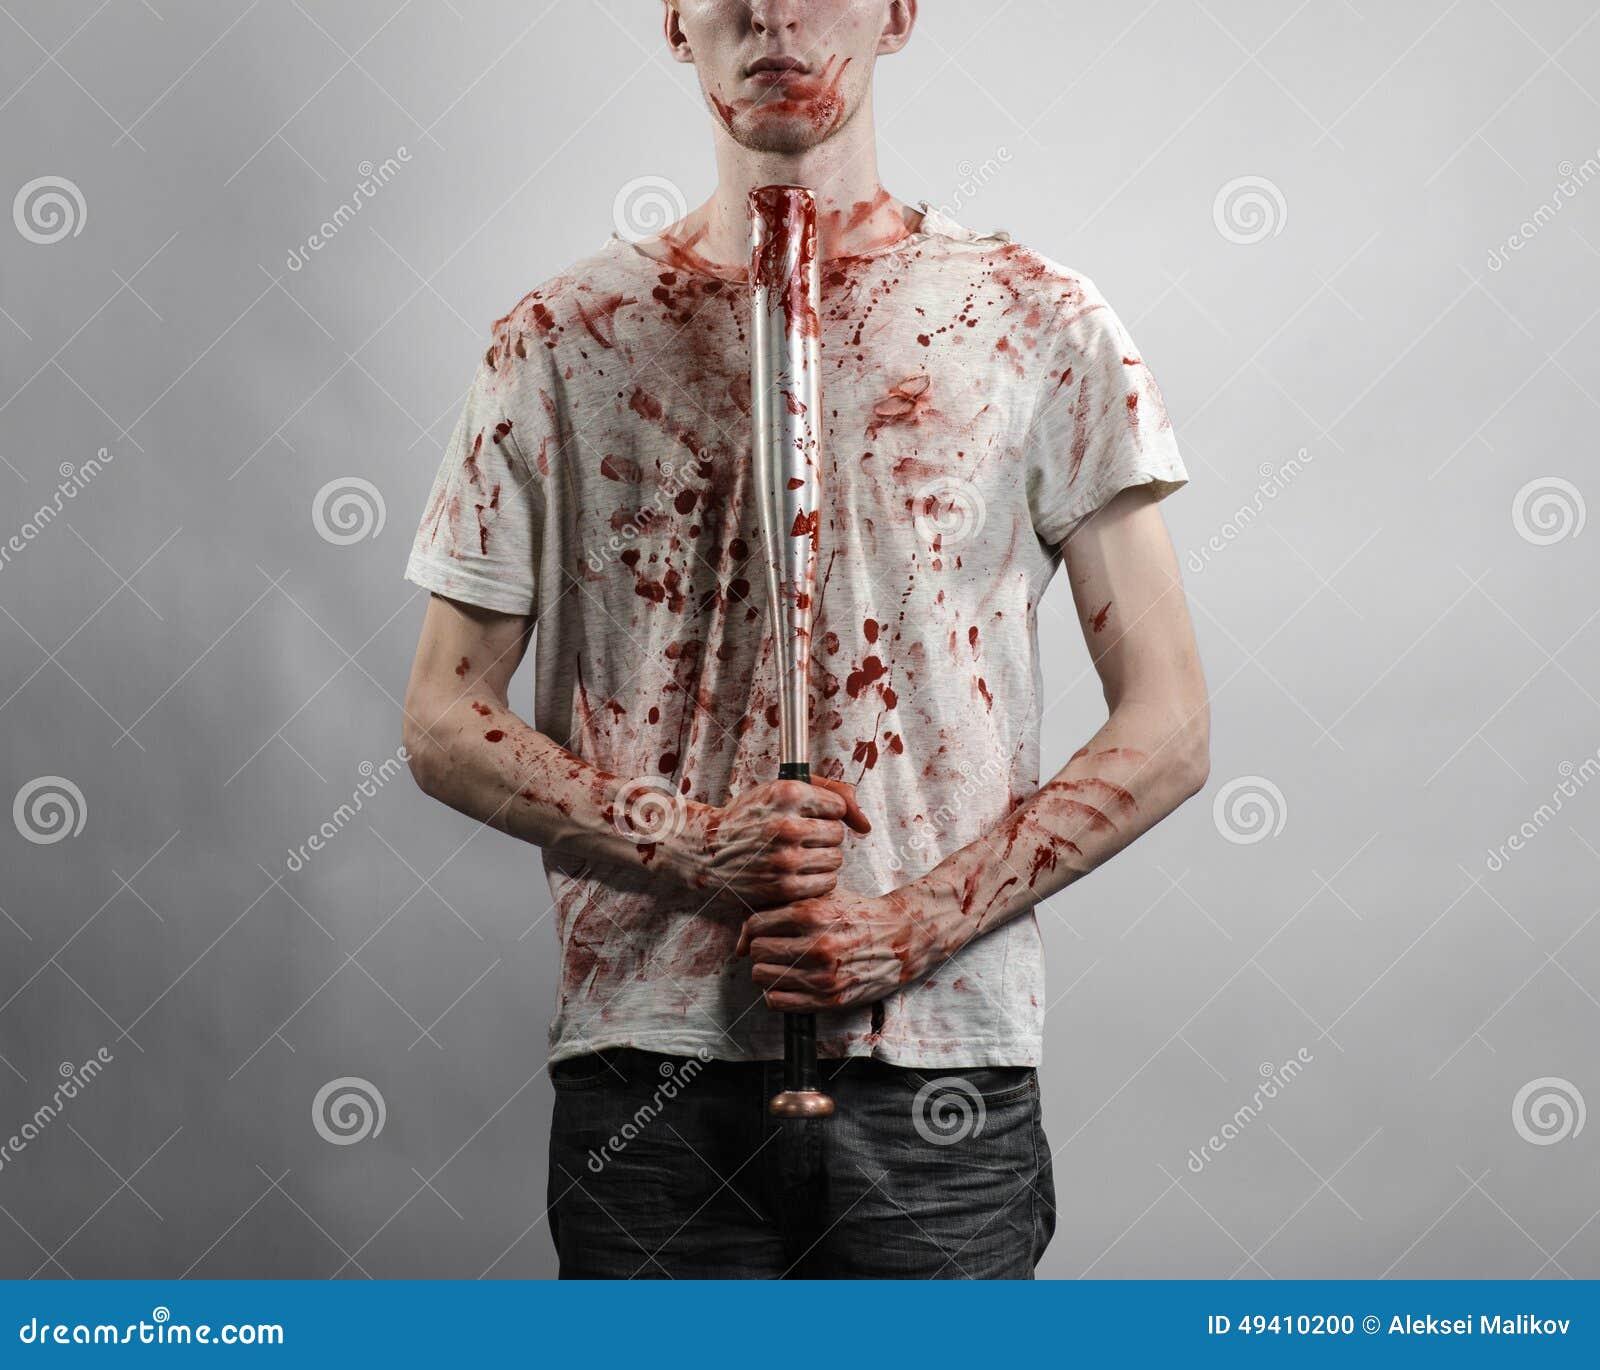 Download Blutiges Thema: Der Kerl In Einem Blutigen T-Shirt, Das Einen Blutigen Schläger Auf Einem Weißen Hintergrund Hält Stockfoto - Bild von kriminell, holding: 49410200